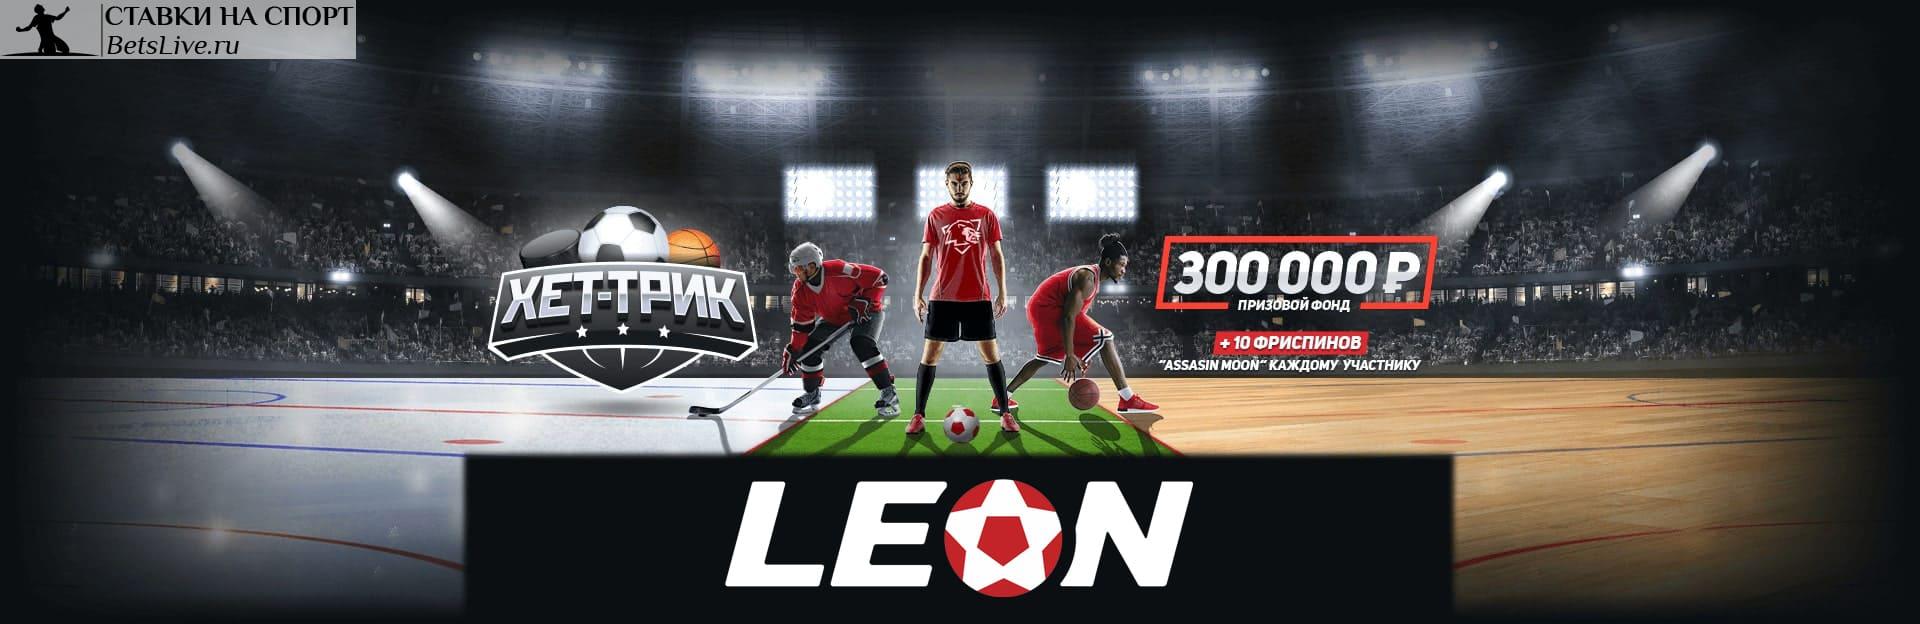 Хет-трик: акция на БК Leon